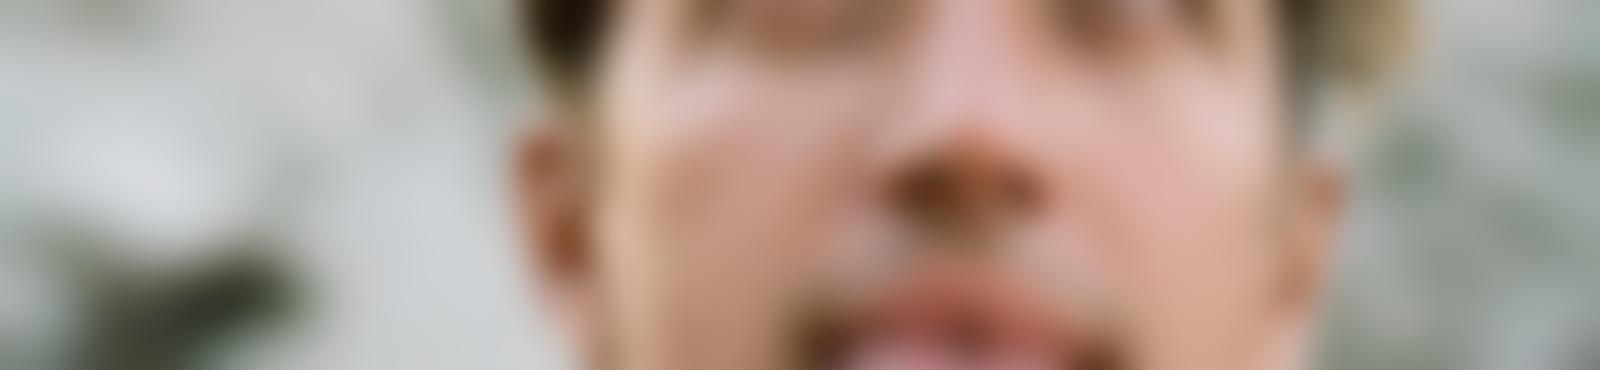 Blurred c387cf02 60a5 417e a6ad 766e1d4a323a